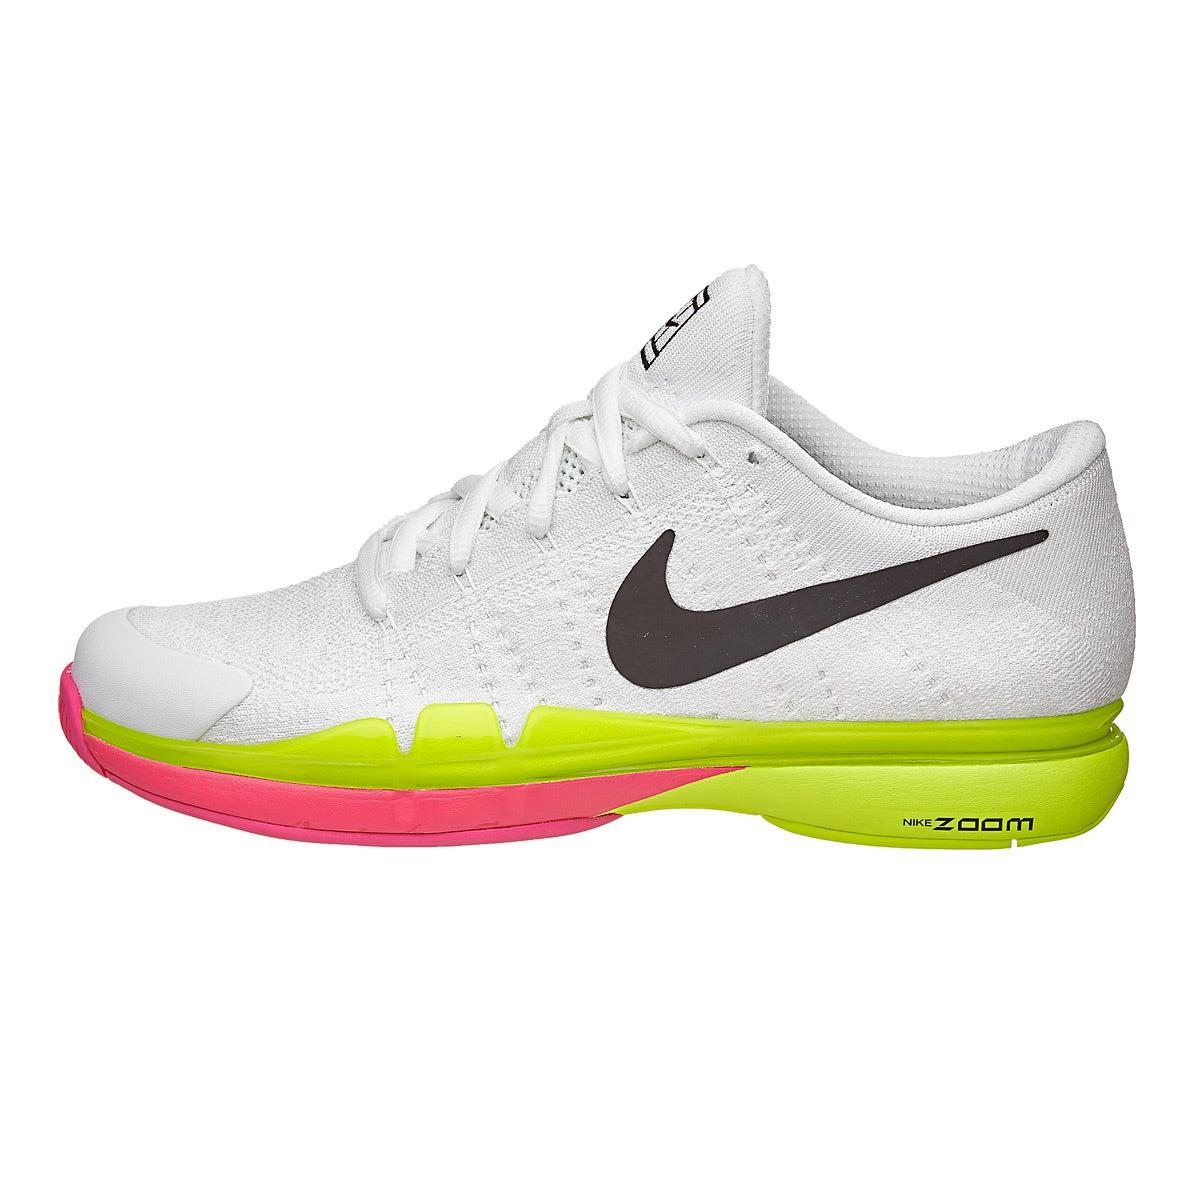 Nike Zoom Vapor   Flyknit Pink Wh Women S Shoe